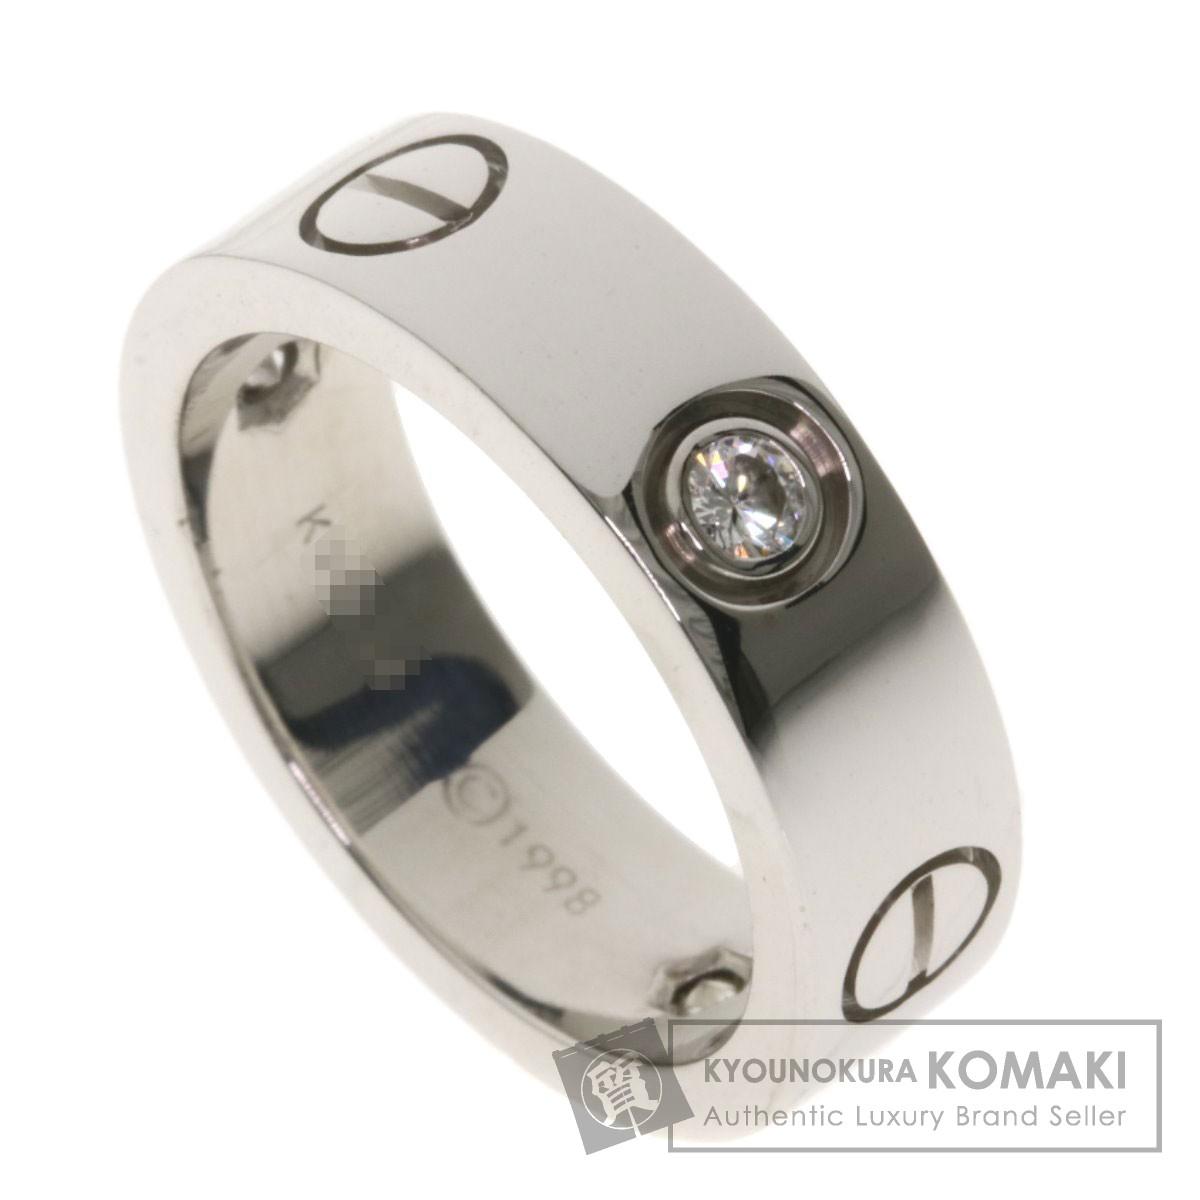 カルティエ ラブリングハーフダイヤモンド #50 リング・指輪 K18ホワイトゴールド レディース 【中古】【CARTIER】